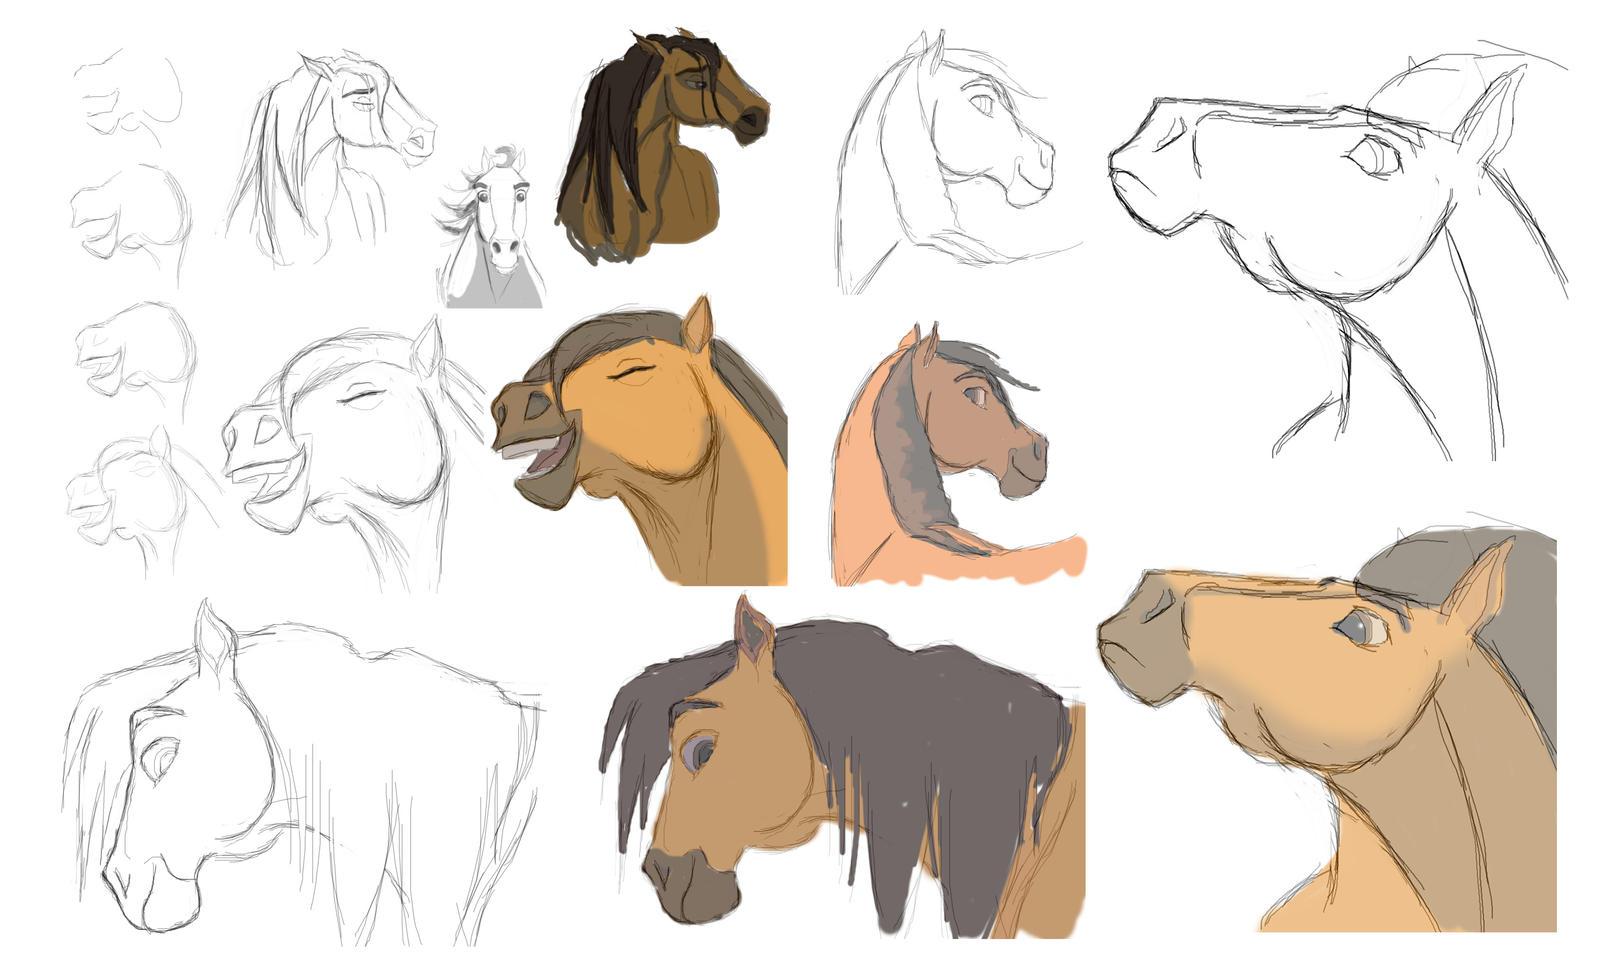 Spirit Sketches - Edited by Nollaig on DeviantArt  Spirit Sketches...